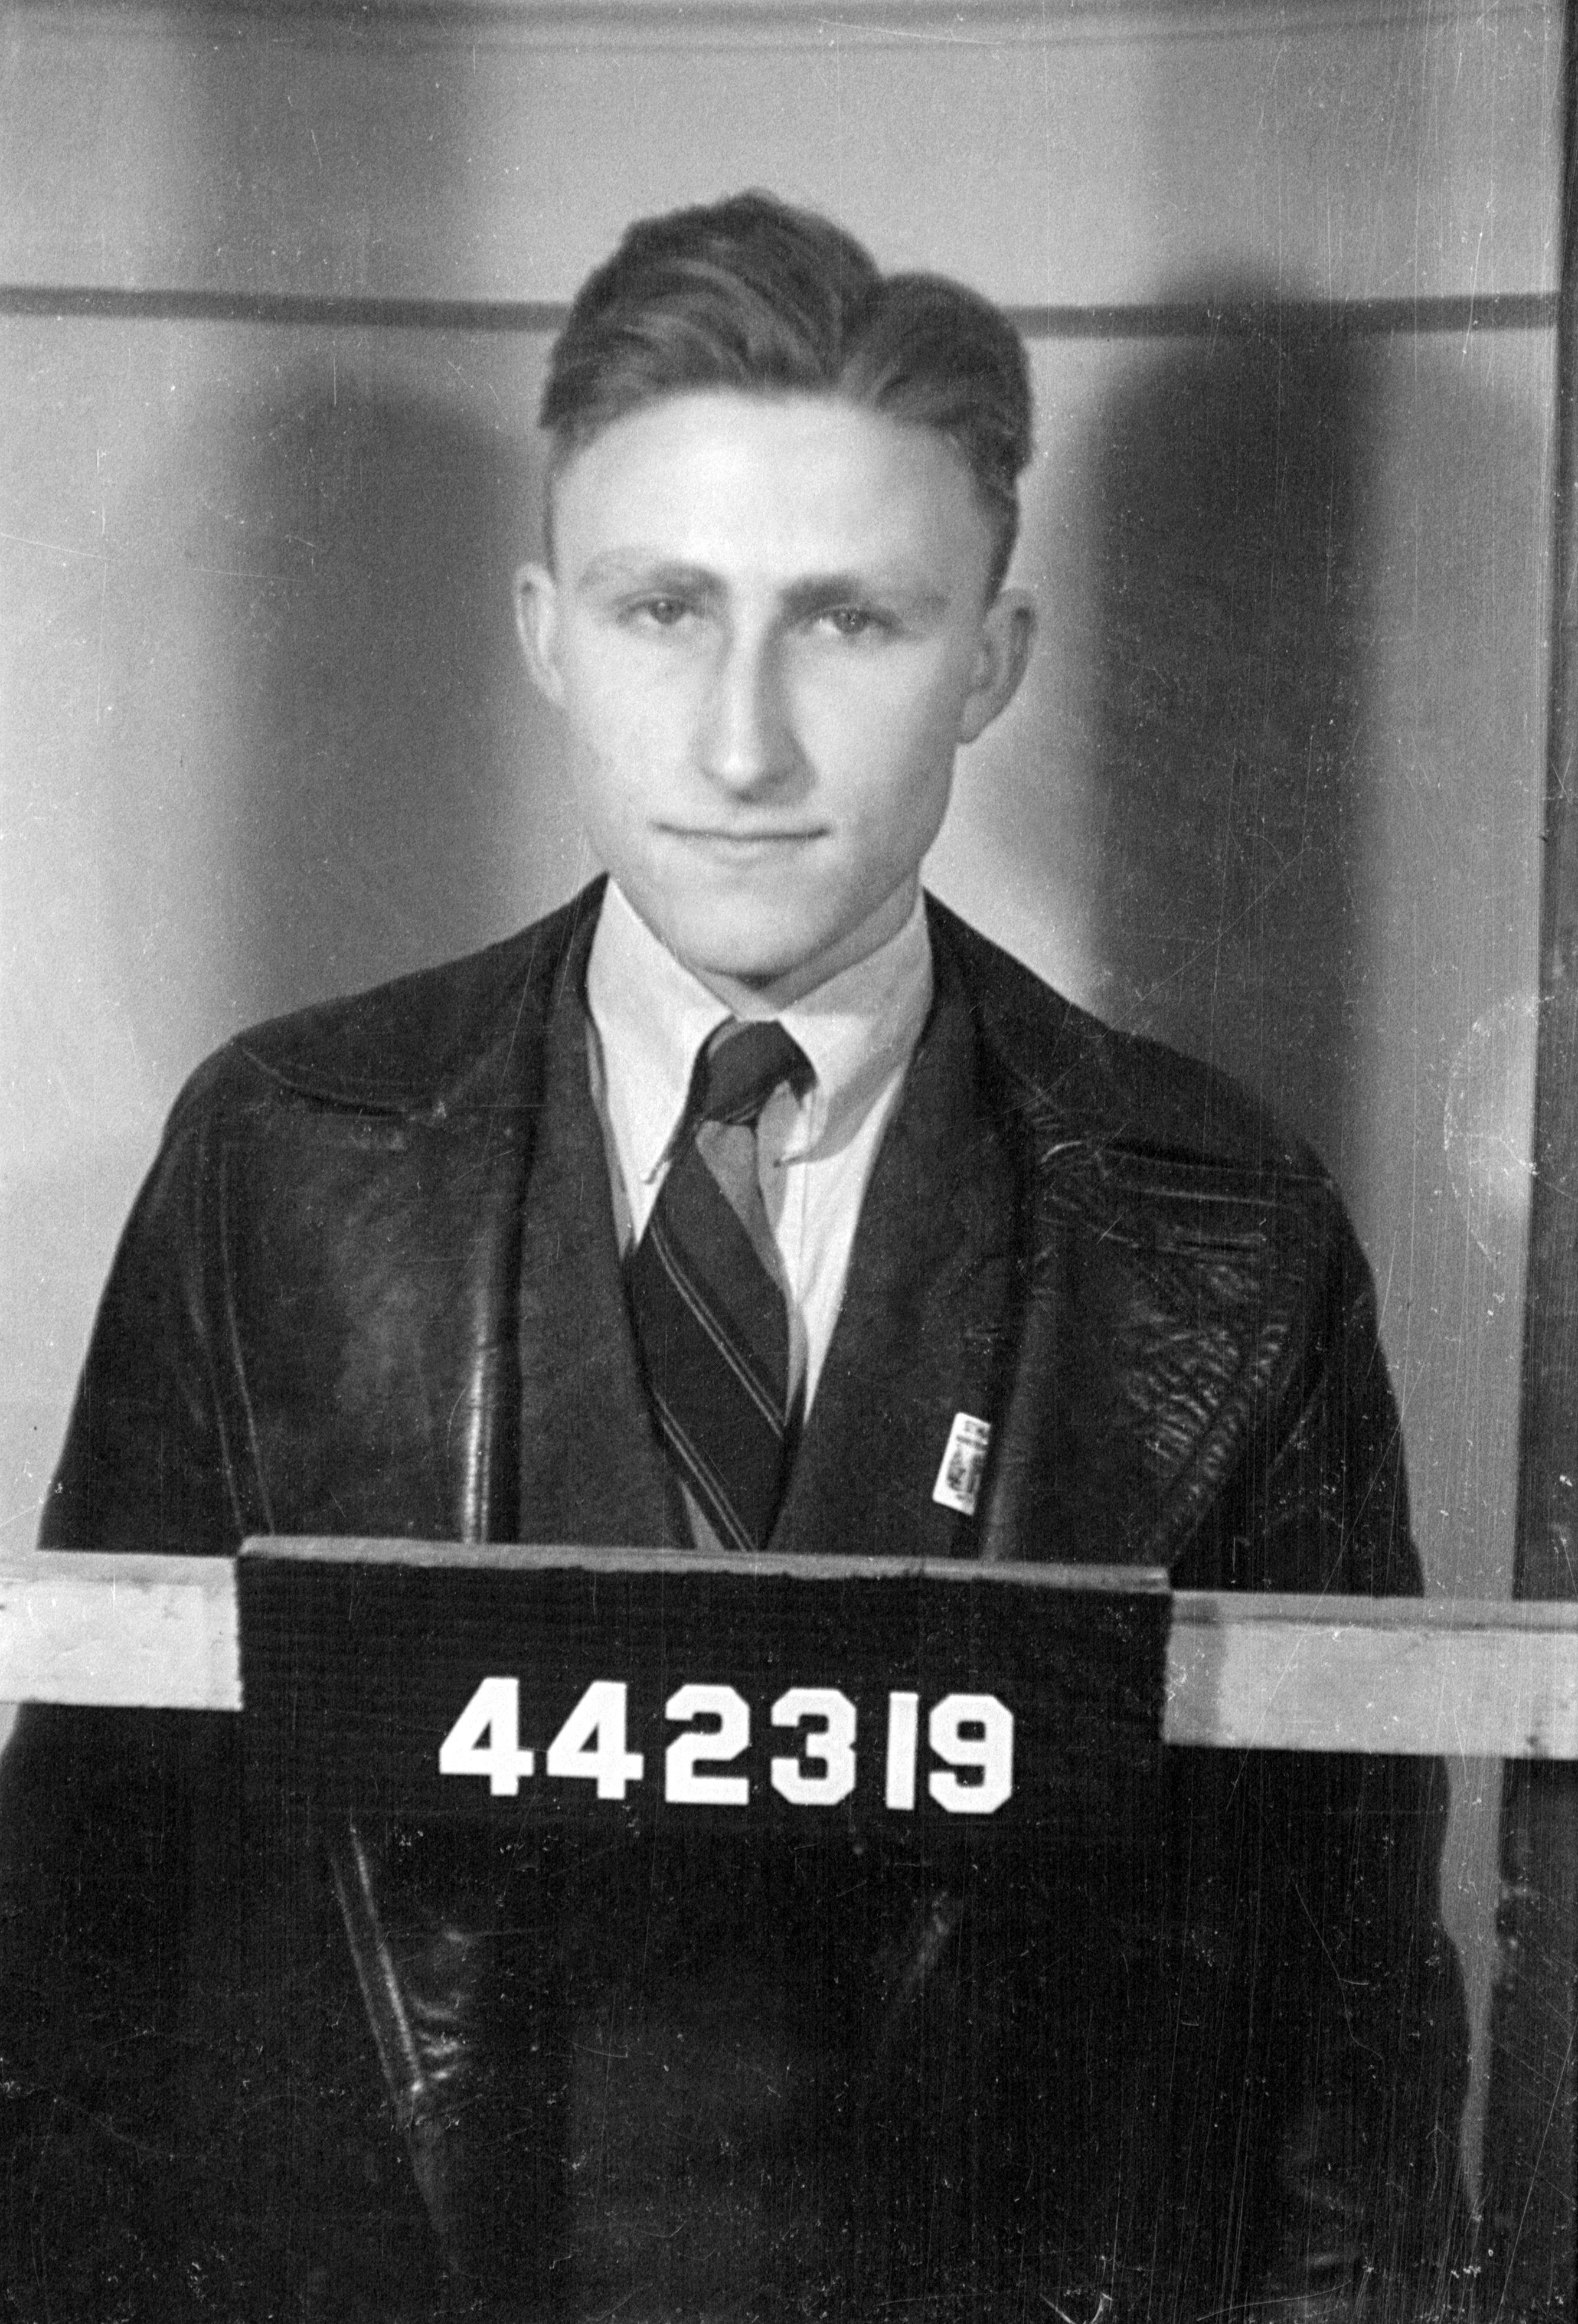 ANWYL, Paul Illtyd (RAAF 442319) portrait